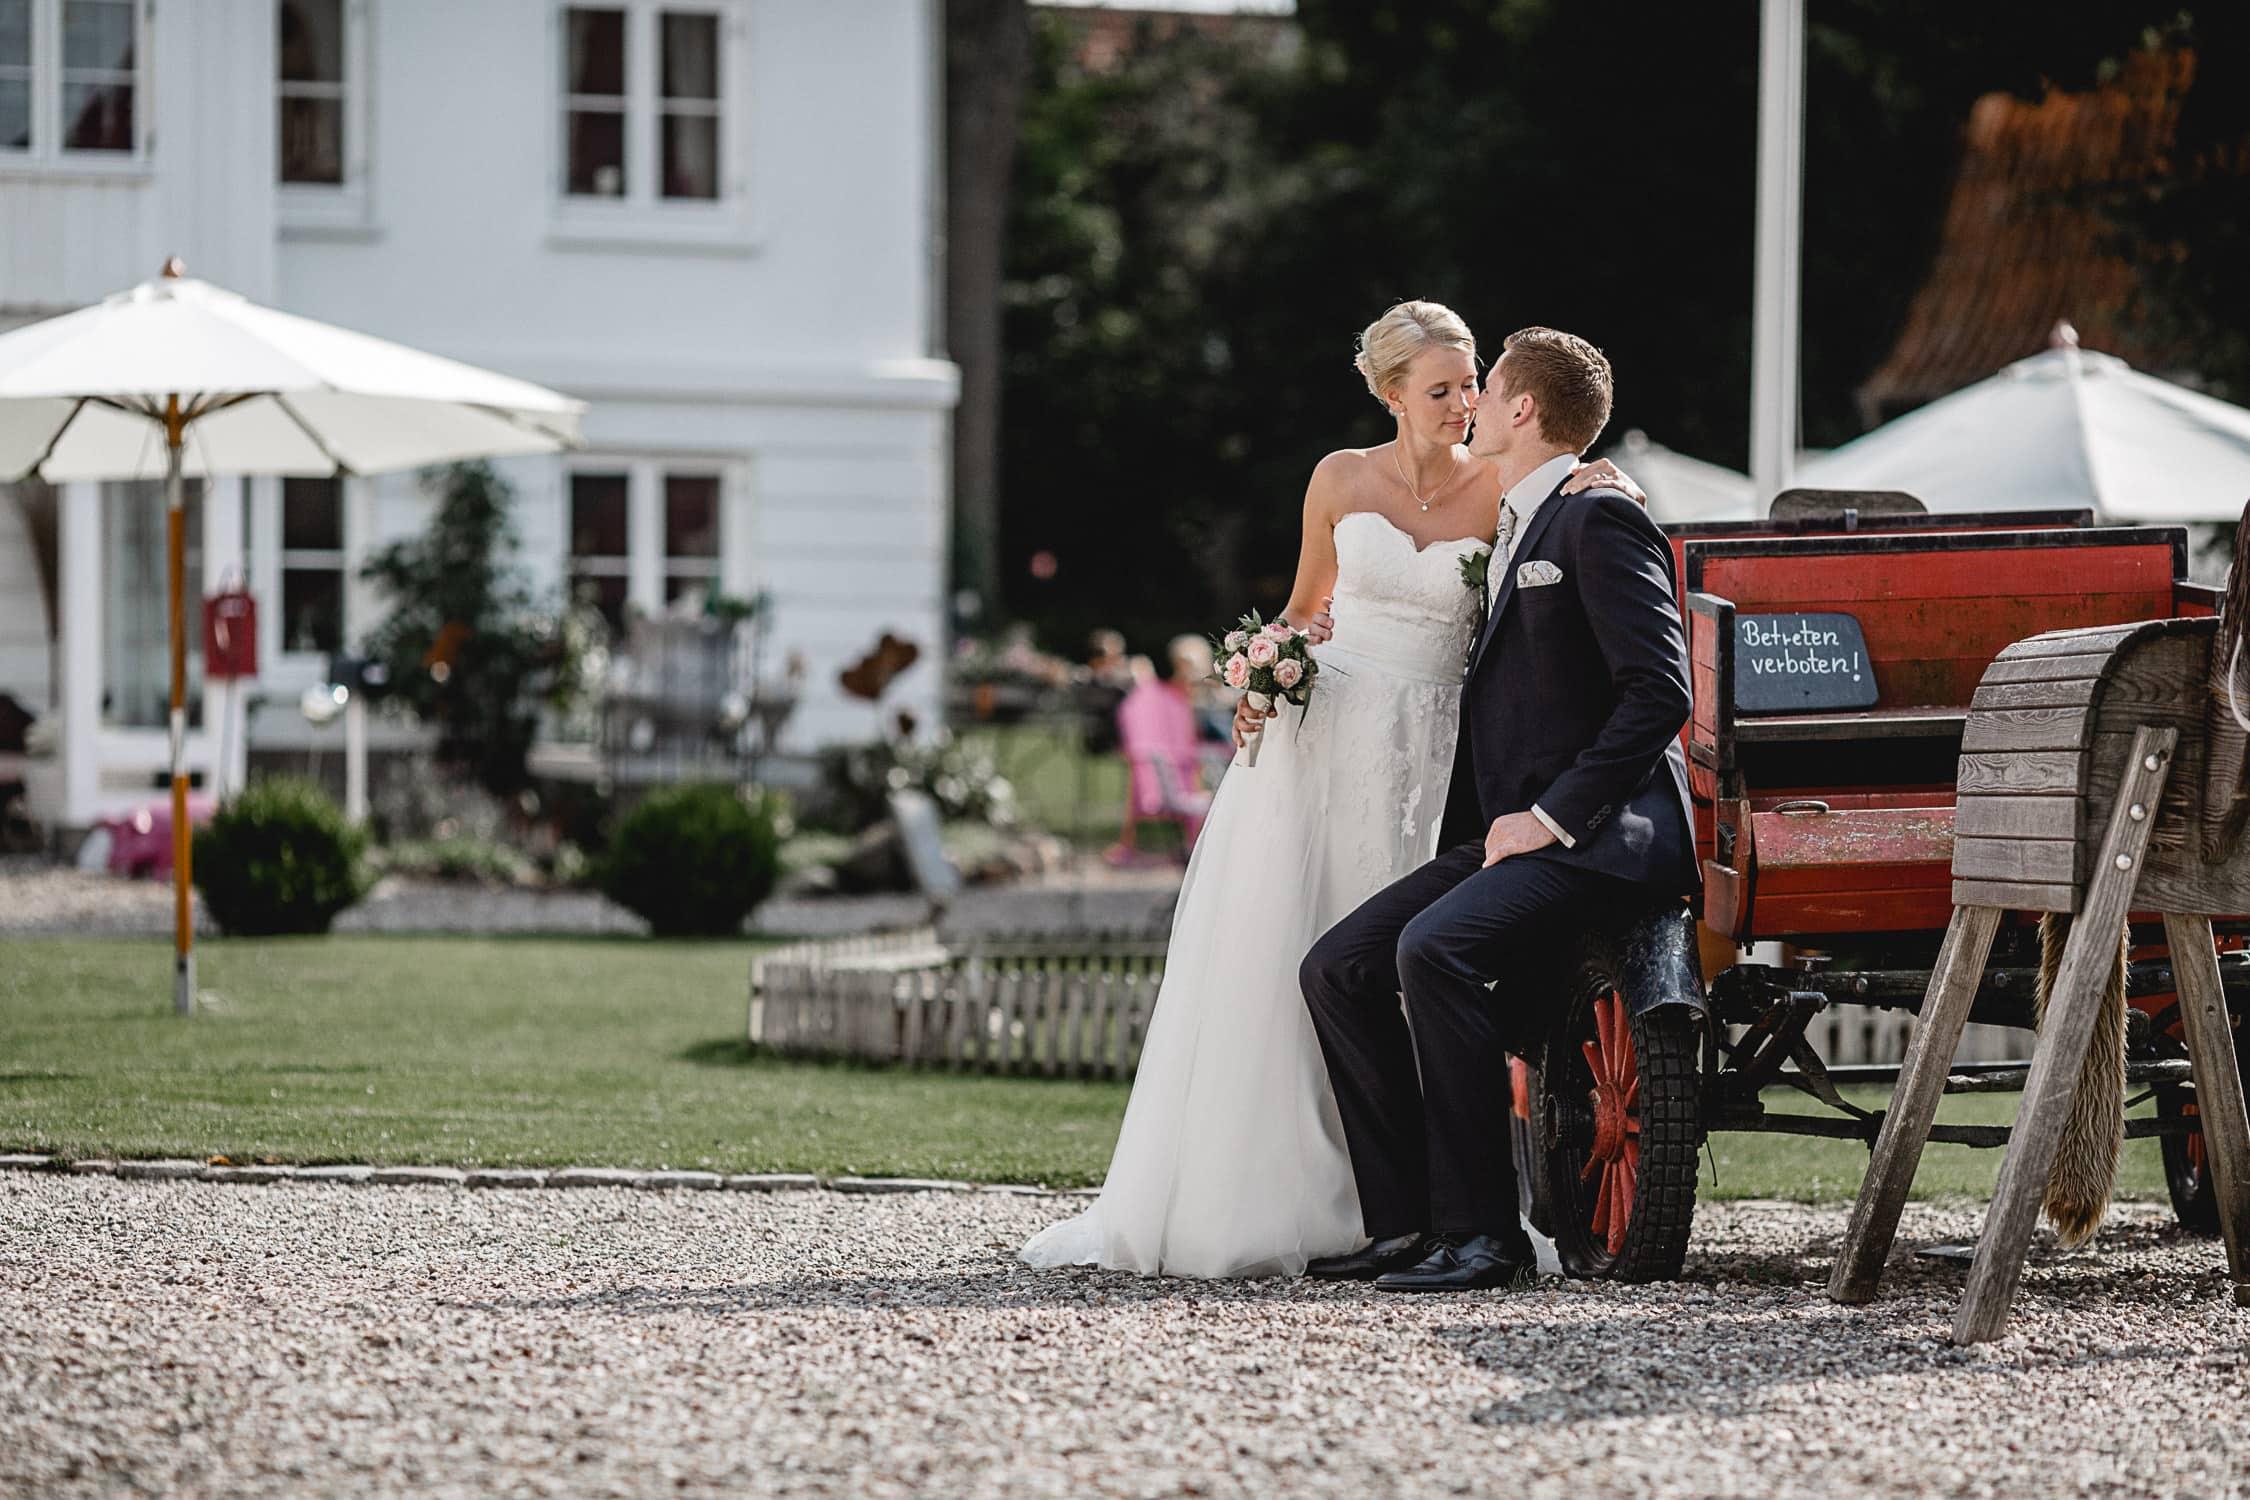 Karoline und Thomas, Hochzeitsfotograf, www.studioamkanal.de, Hochzeitsreportage Lübeck, Bad Schwartau, Mölln, Travemünde, Neustadt, Schleswig-Holstein,